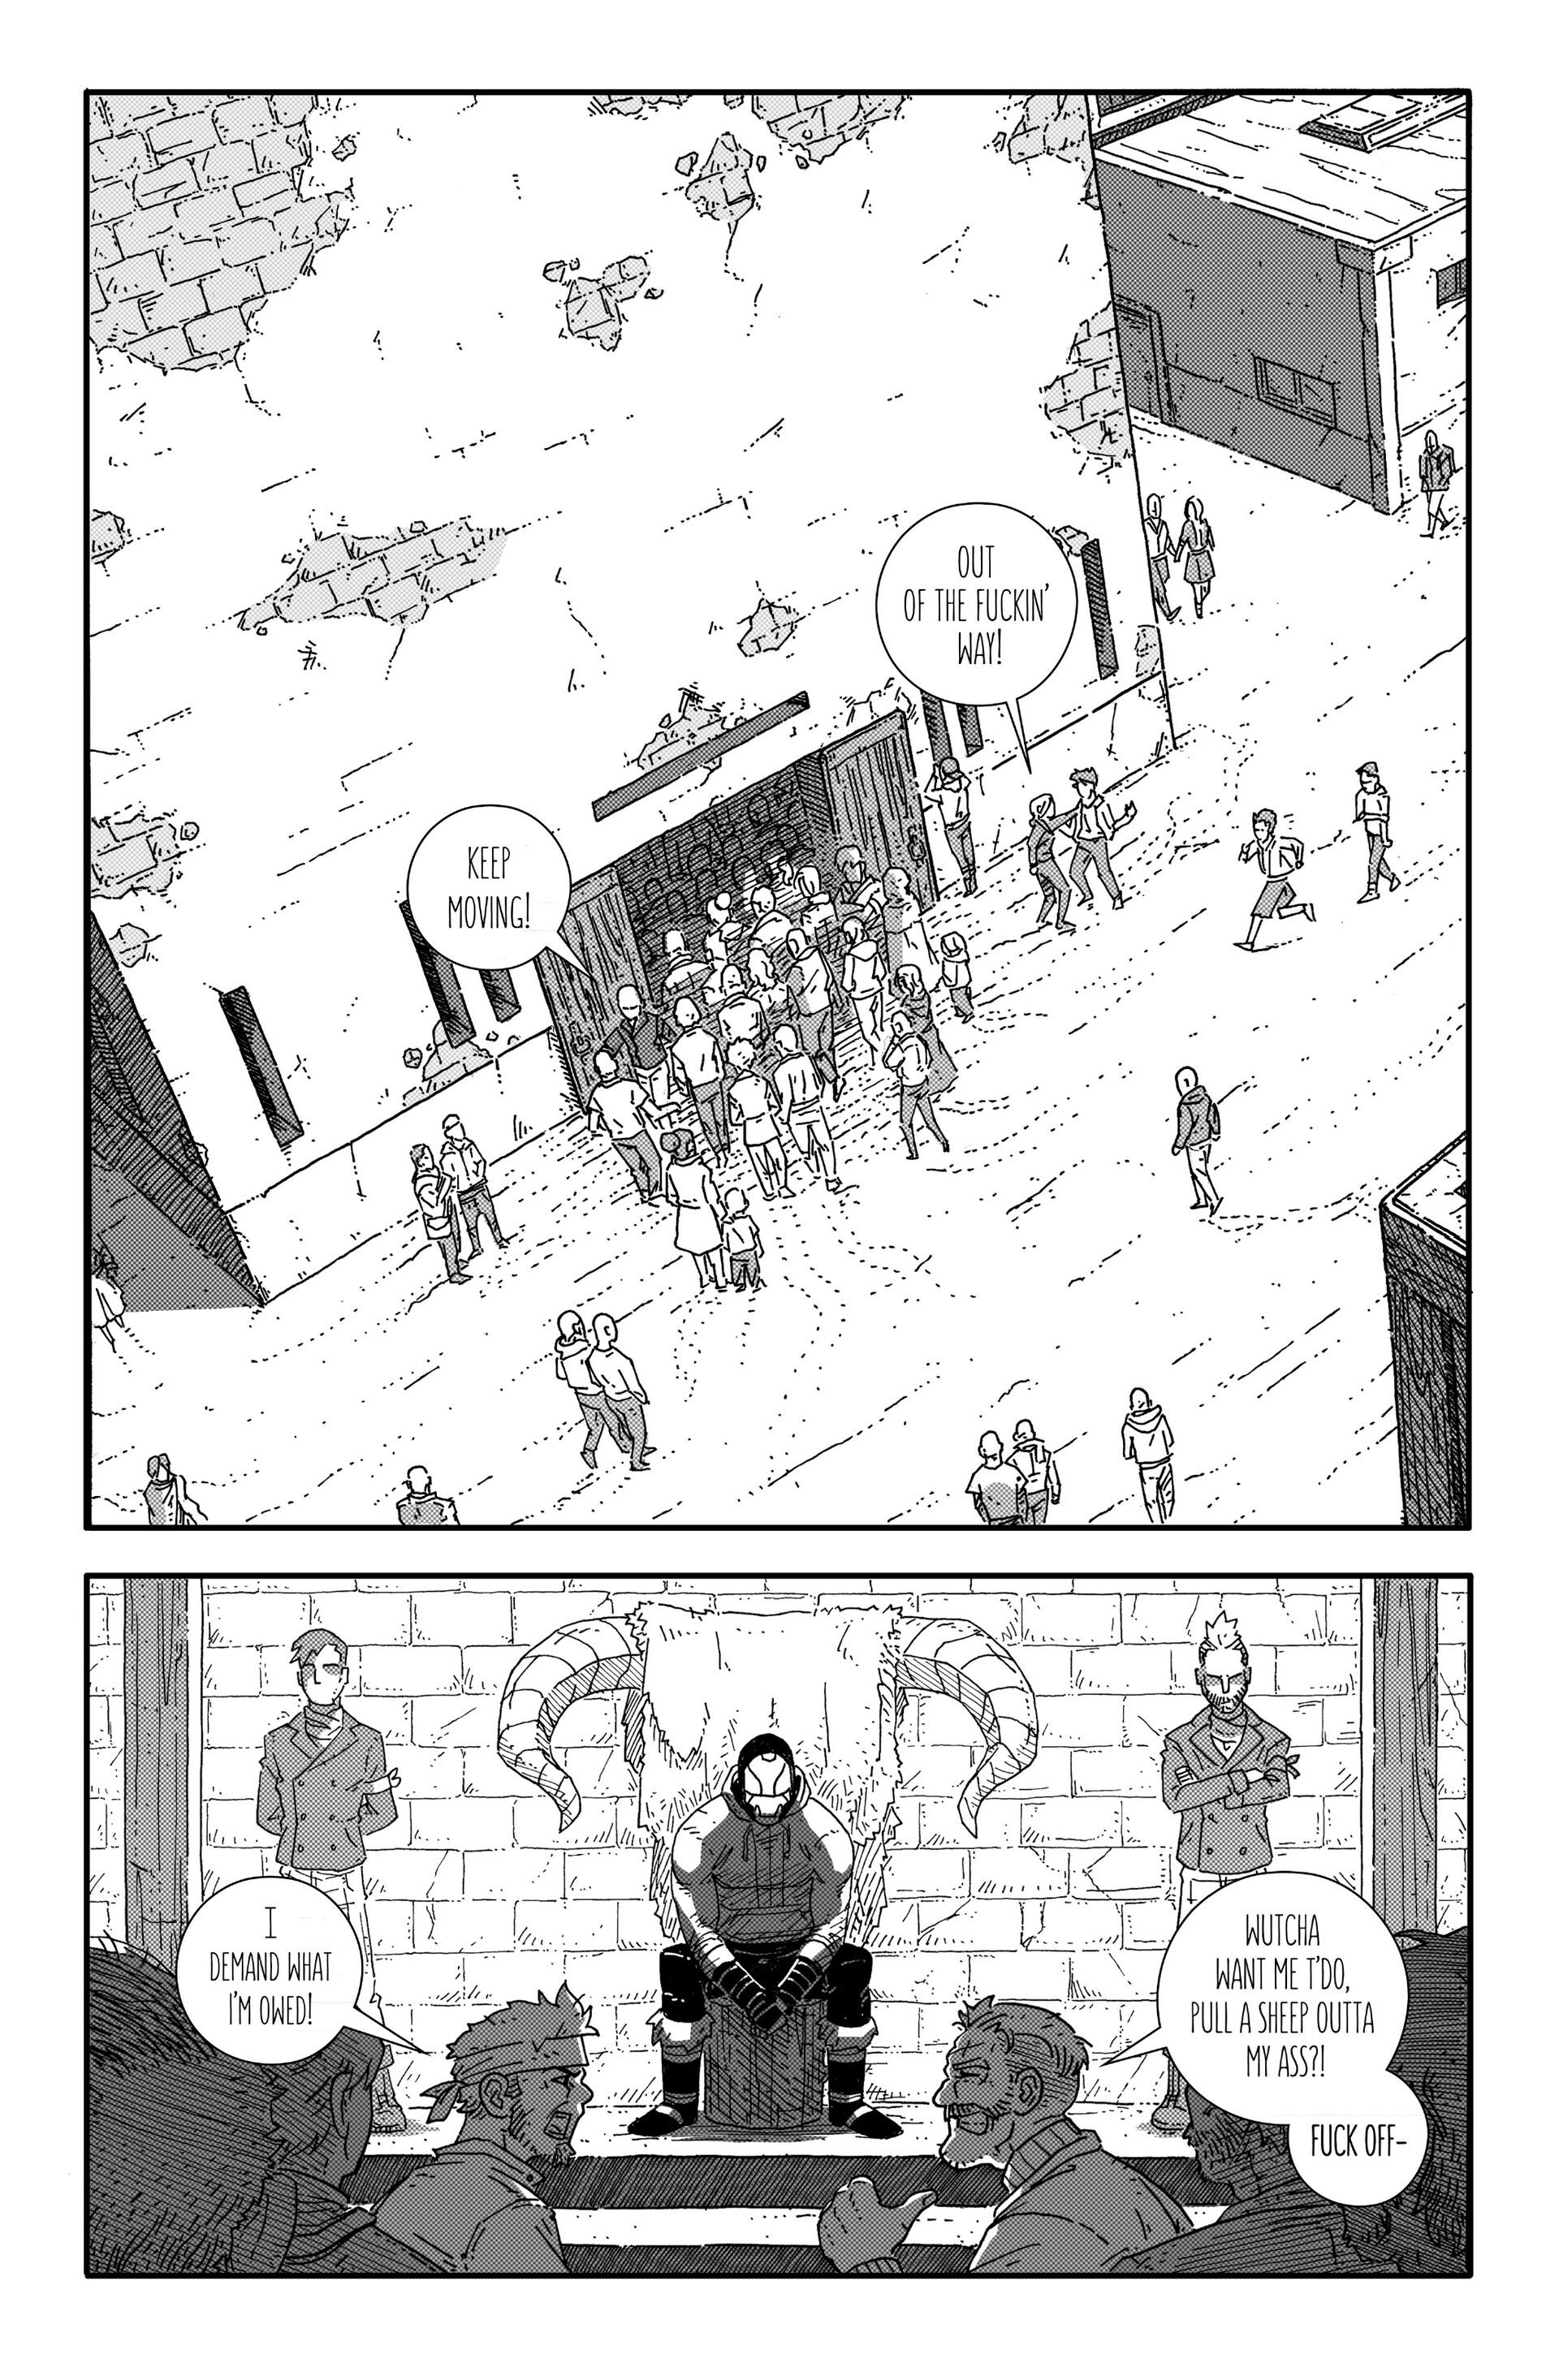 Andrew sebastian kwan gel issue 1 pg14